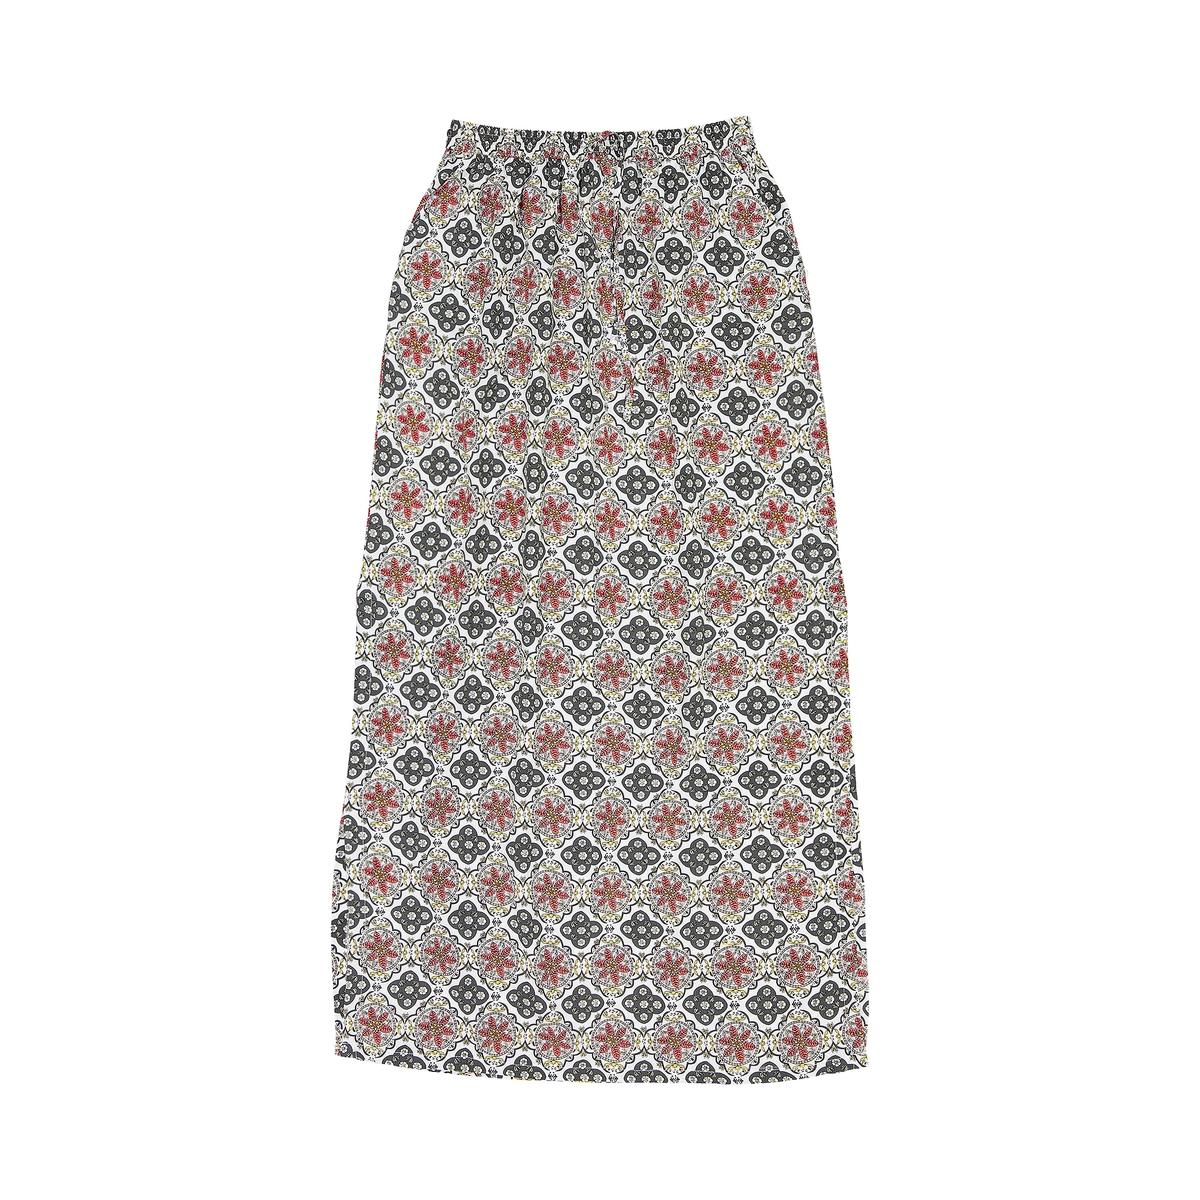 Юбка длинная с рисункомМатериал : 100% вискоза   Рисунок : принт  Длина юбки : длинная<br><br>Цвет: рисунок/фон экрю